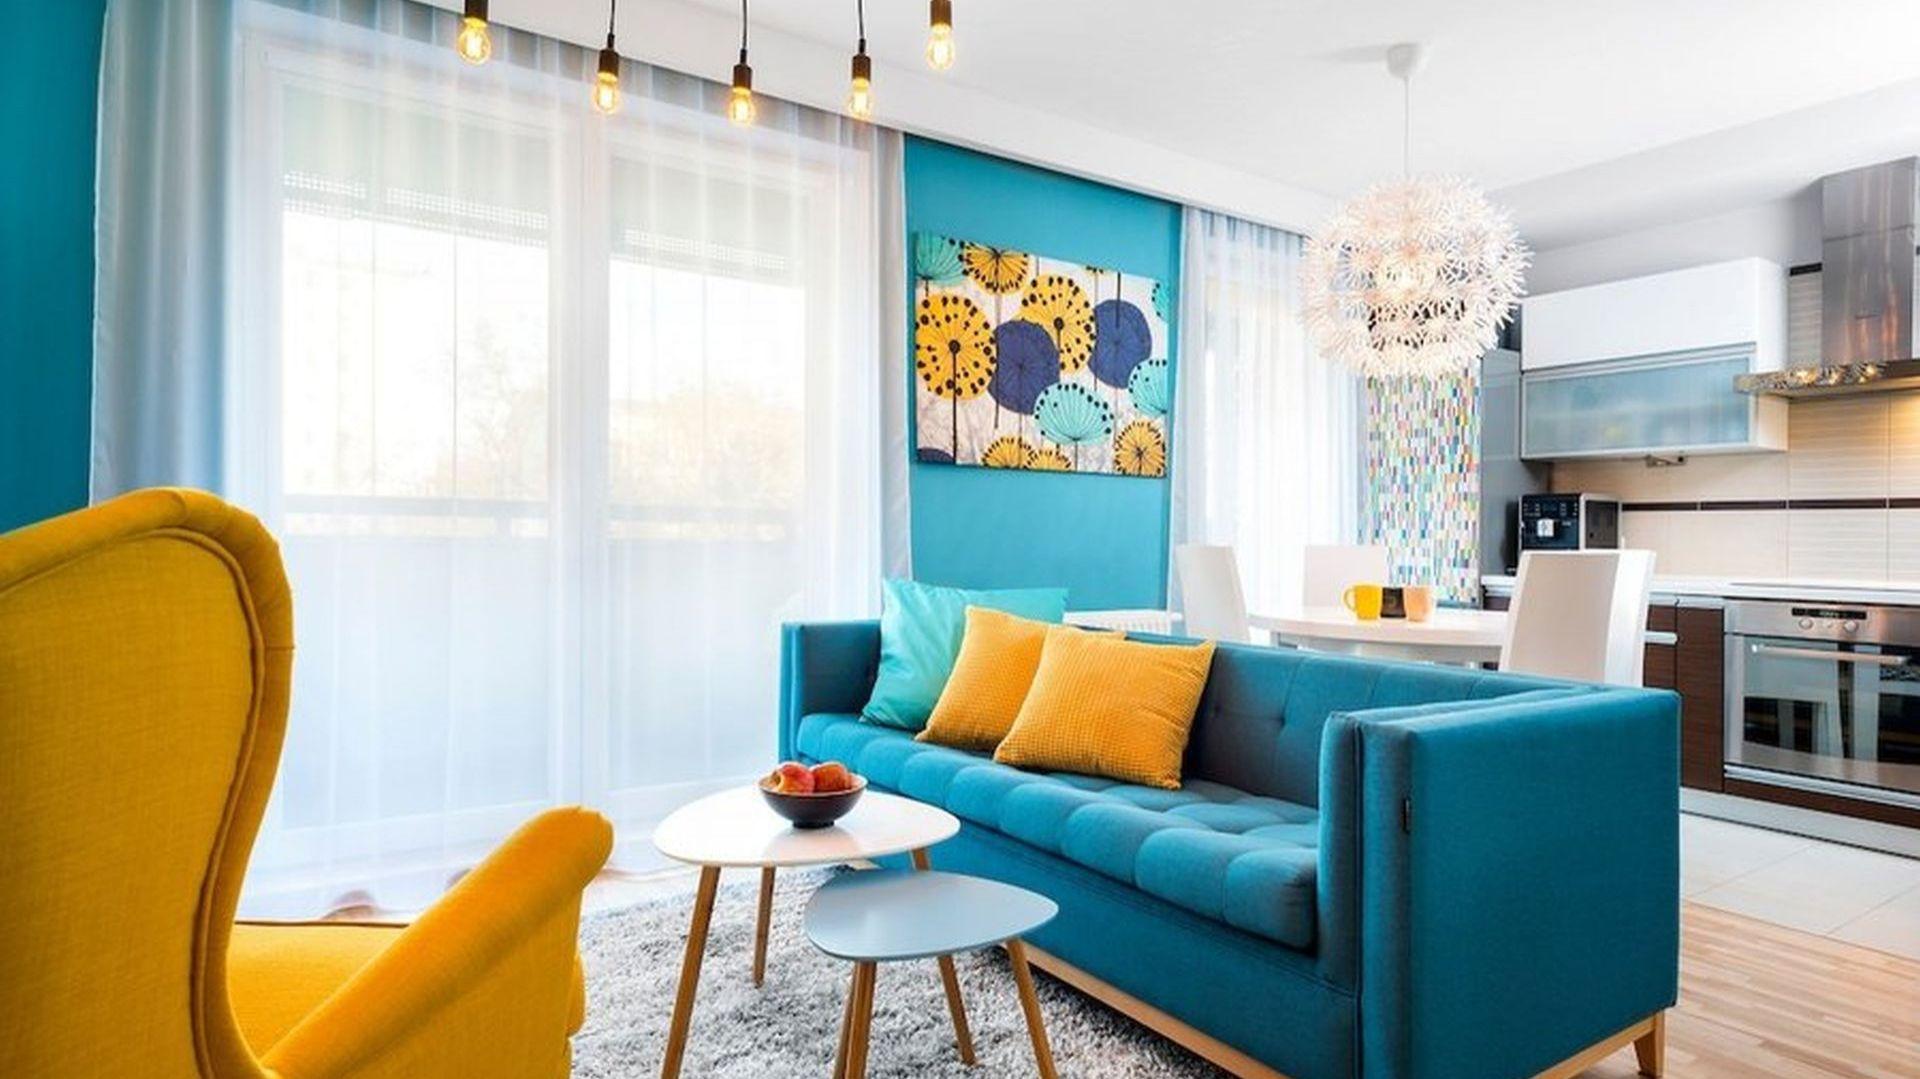 Mieszkanie dla rodziny 2+1 - salon z aneksem kuchennym. Zdjęcie PO. Autorka projektu: Krystyna Dziewanowska, pracownia Red Cube Design. Zdjęcia:  Mateusz Torbus 7TH IDEA